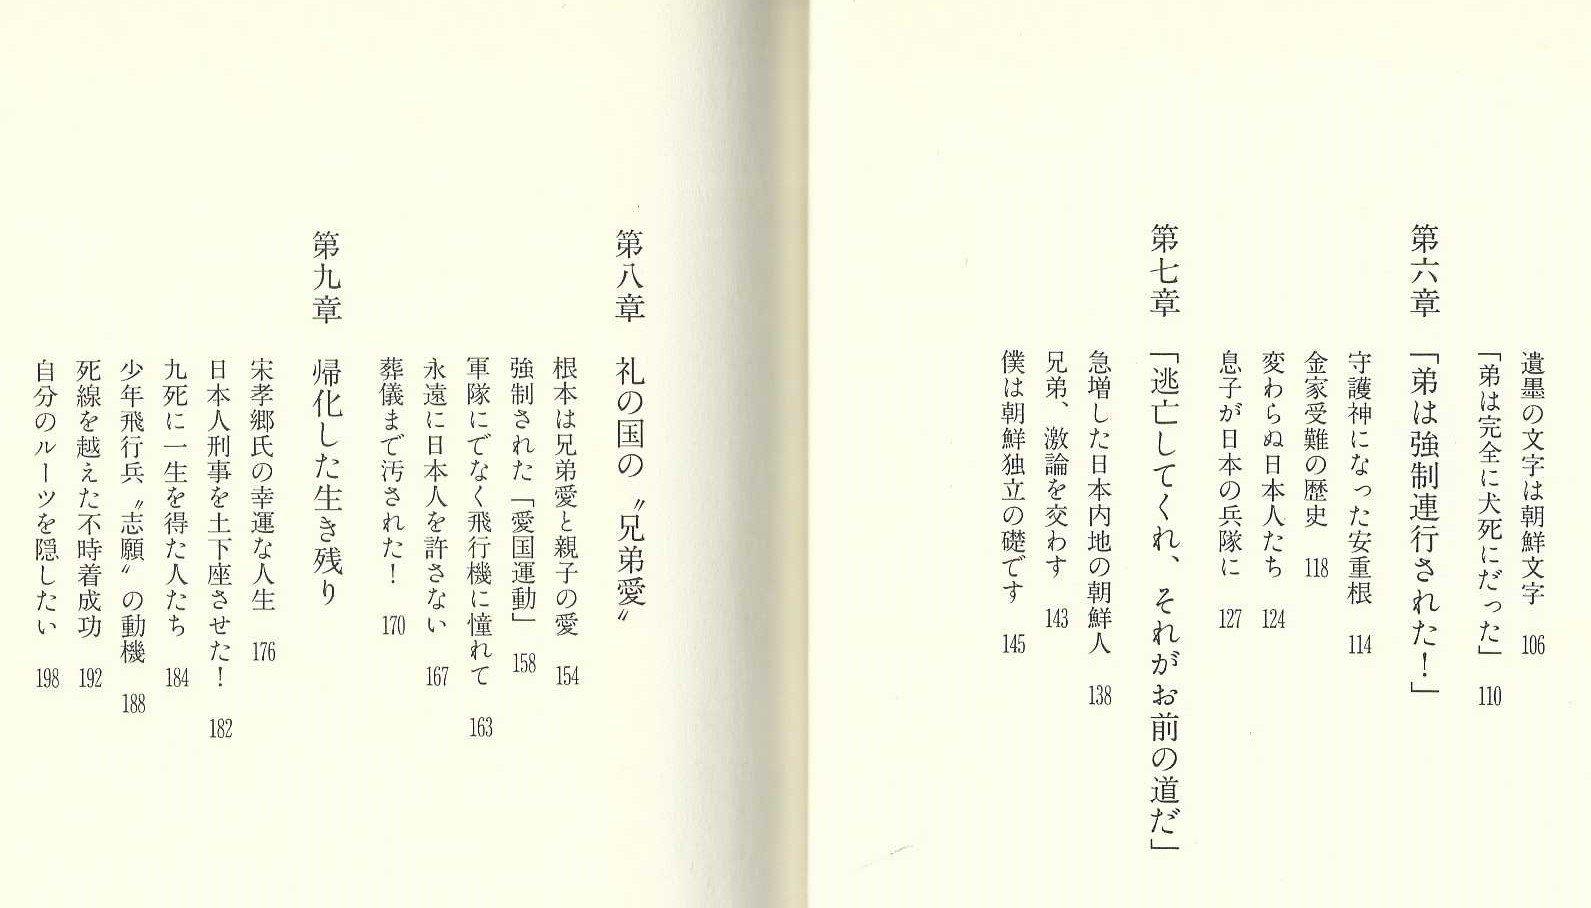 特攻に散った朝鮮人―結城陸軍大...